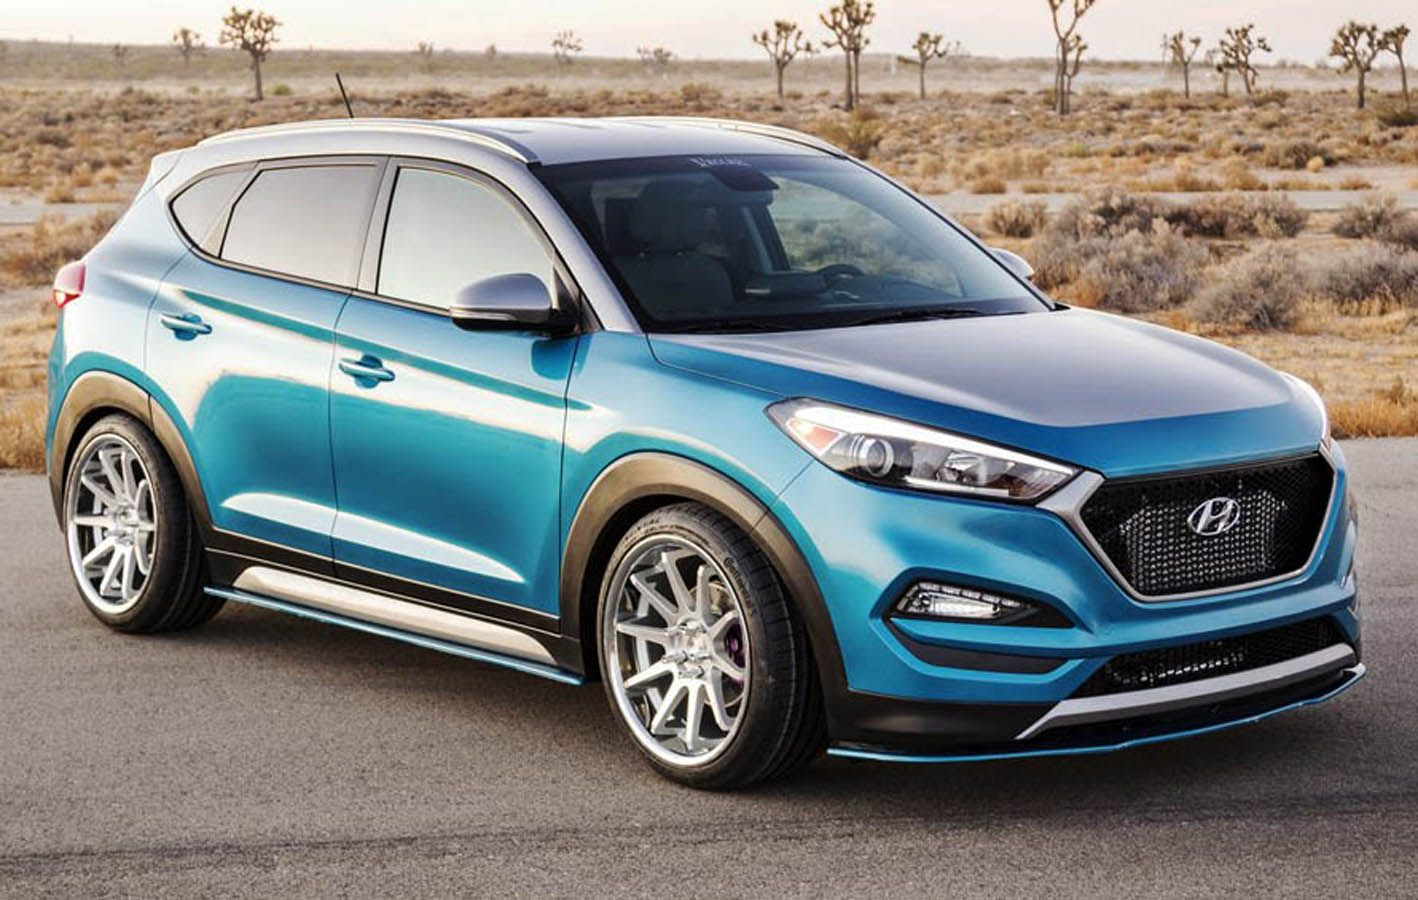 هيونداي توسان سبورت 2018 نسخة التوربو الرياضية موقع ويلز Hyundai Tucson Hyundai Suv